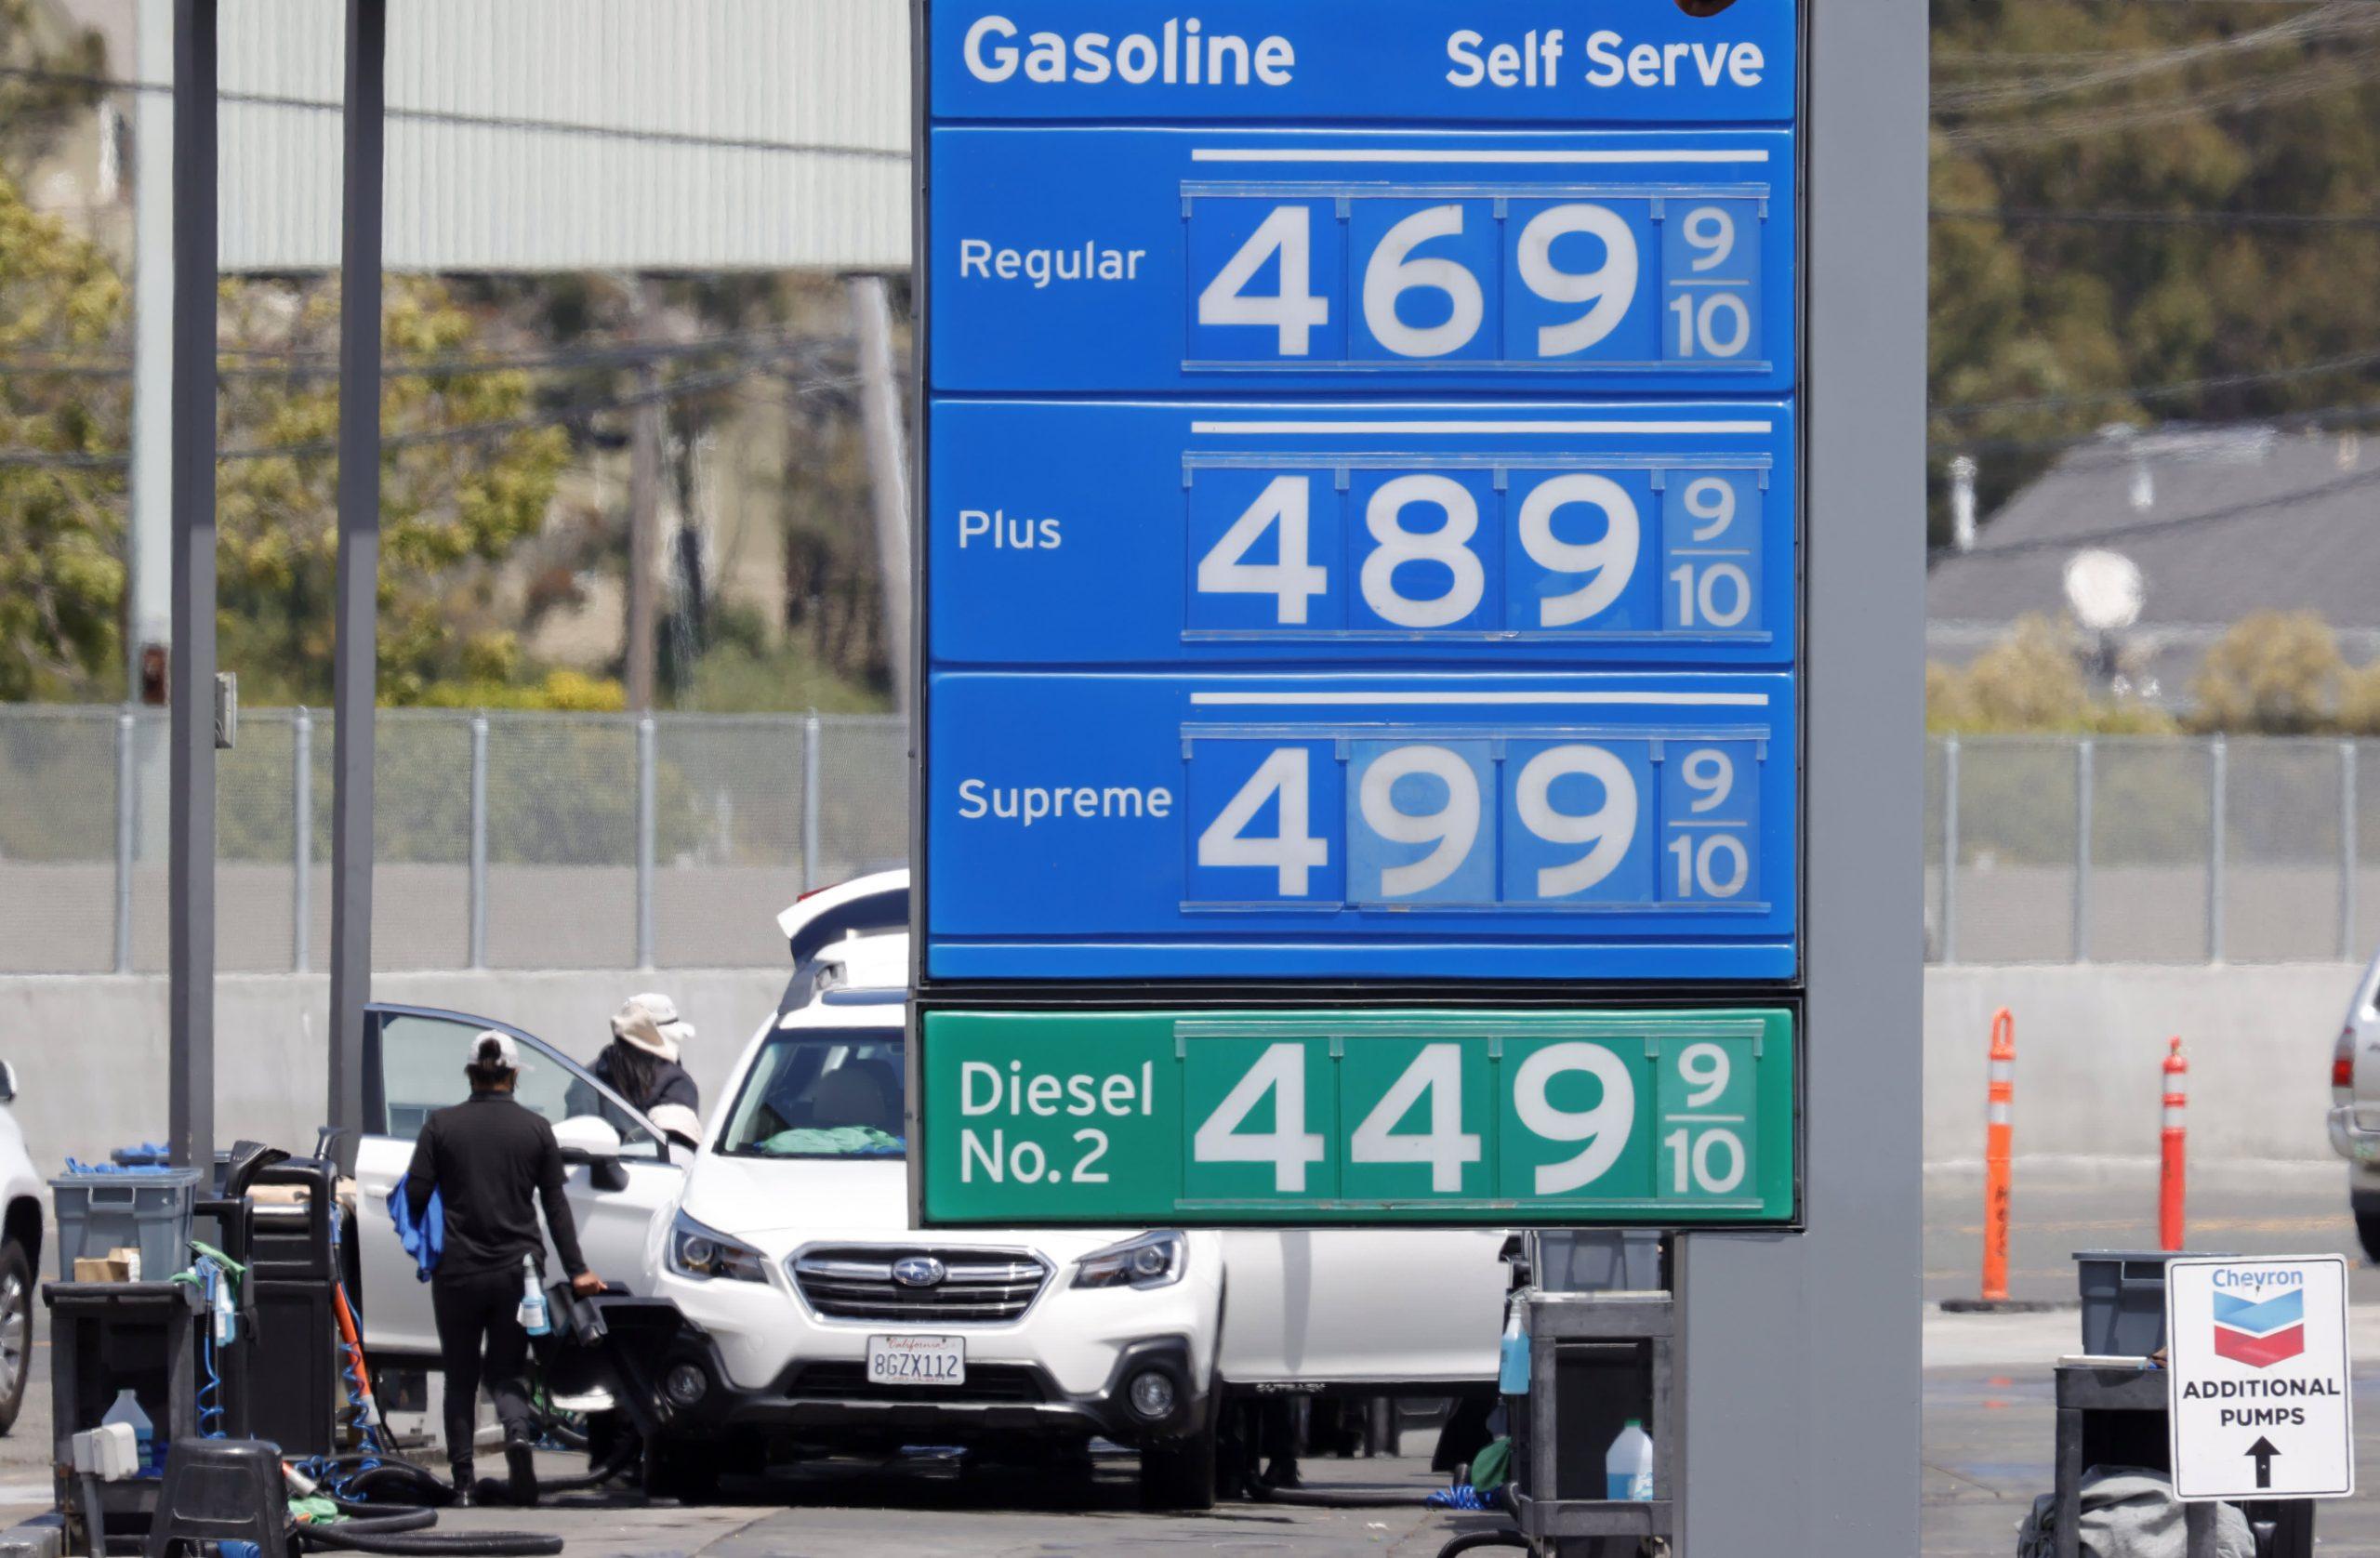 La inflación sube más de lo esperado en junio a medida que el índice de precios sube un 5,4%